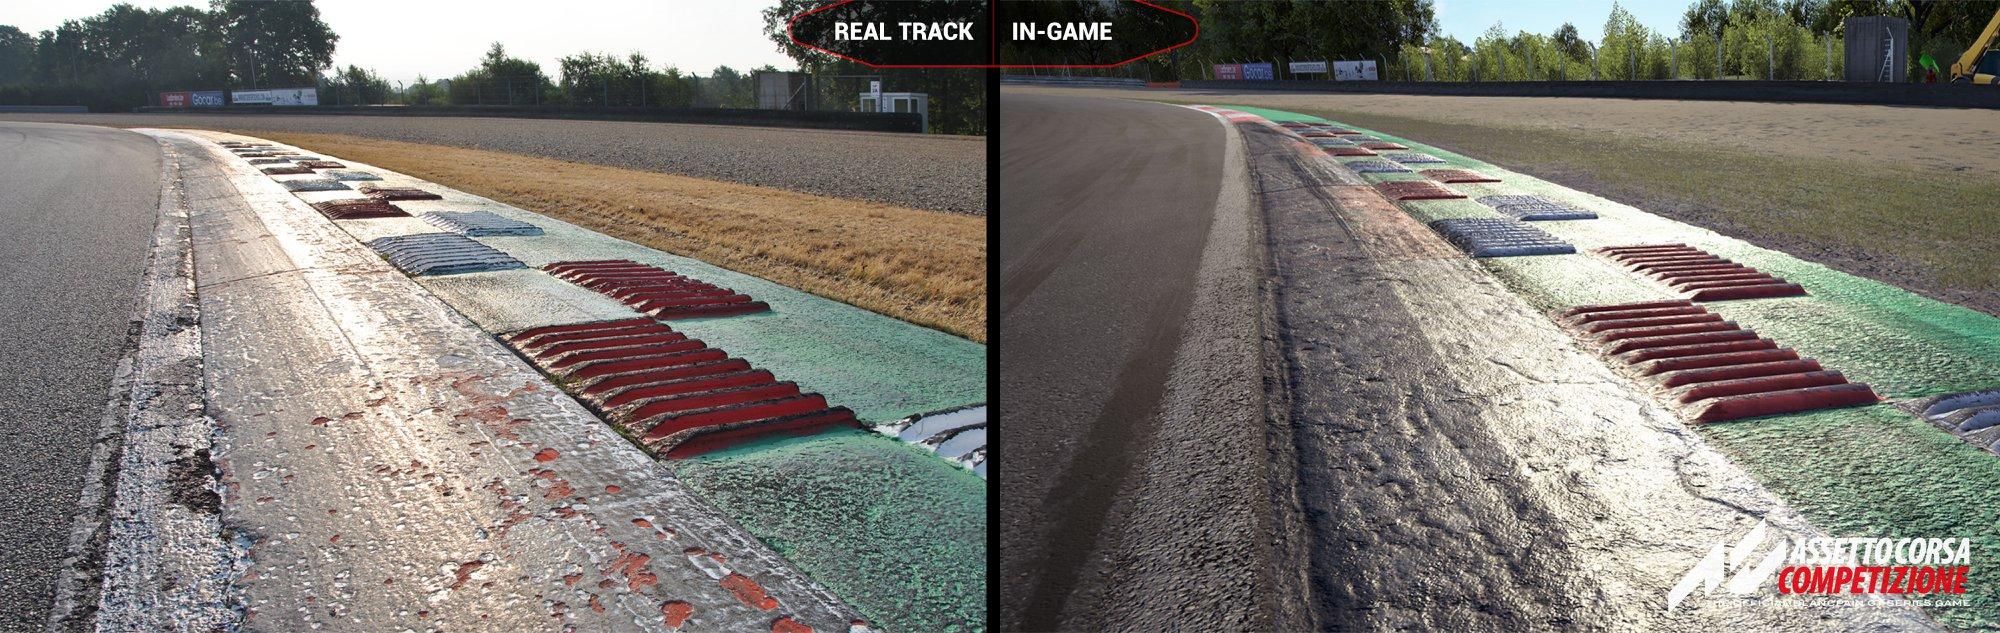 Assetto-Corsa-Competizione-Circuit-Zolder-Previews-3.jpg